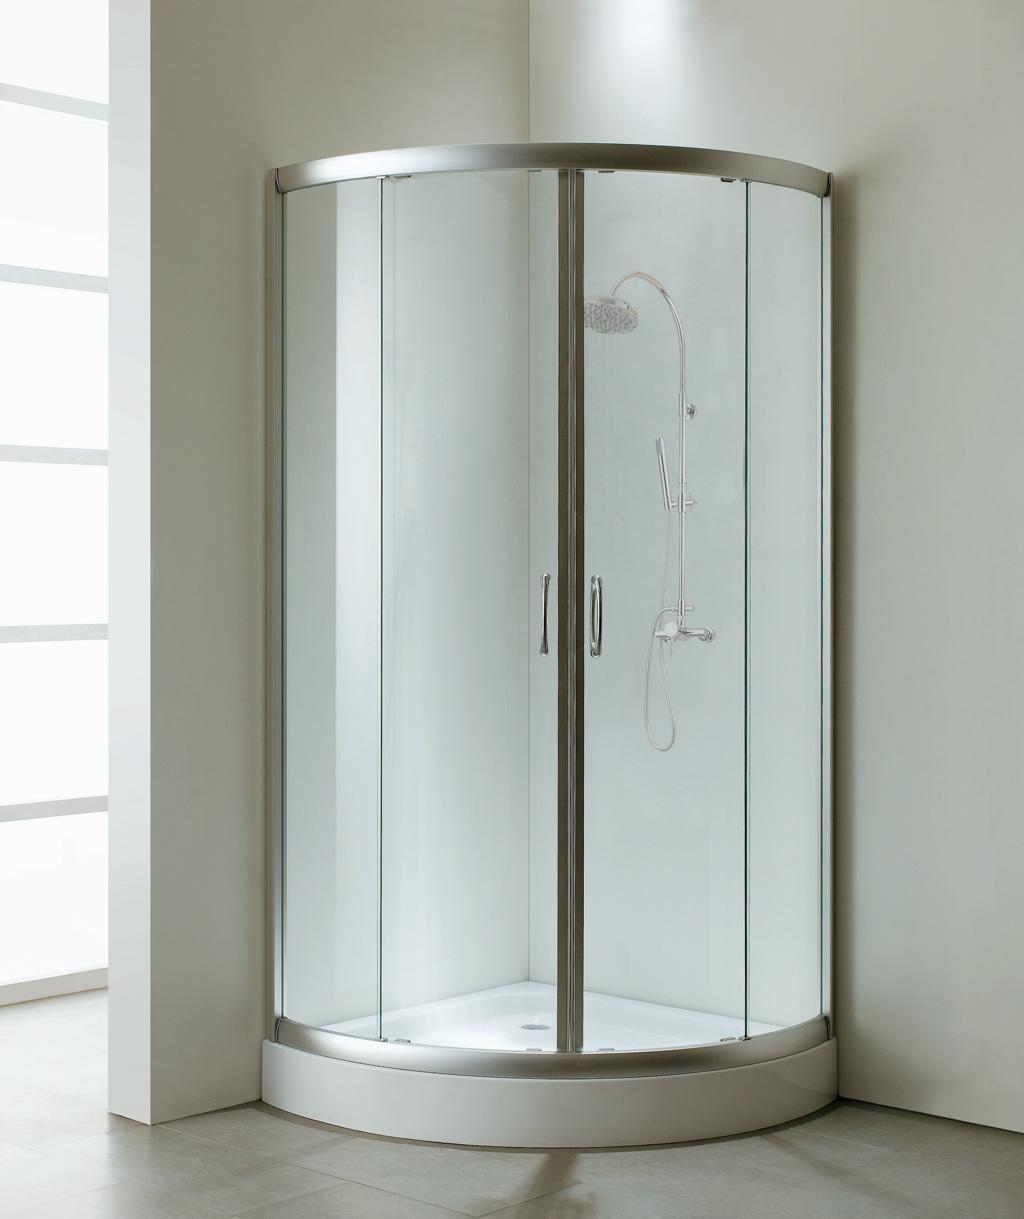 东鹏淋浴房钢化玻璃屏风门系列J90L11J90L11